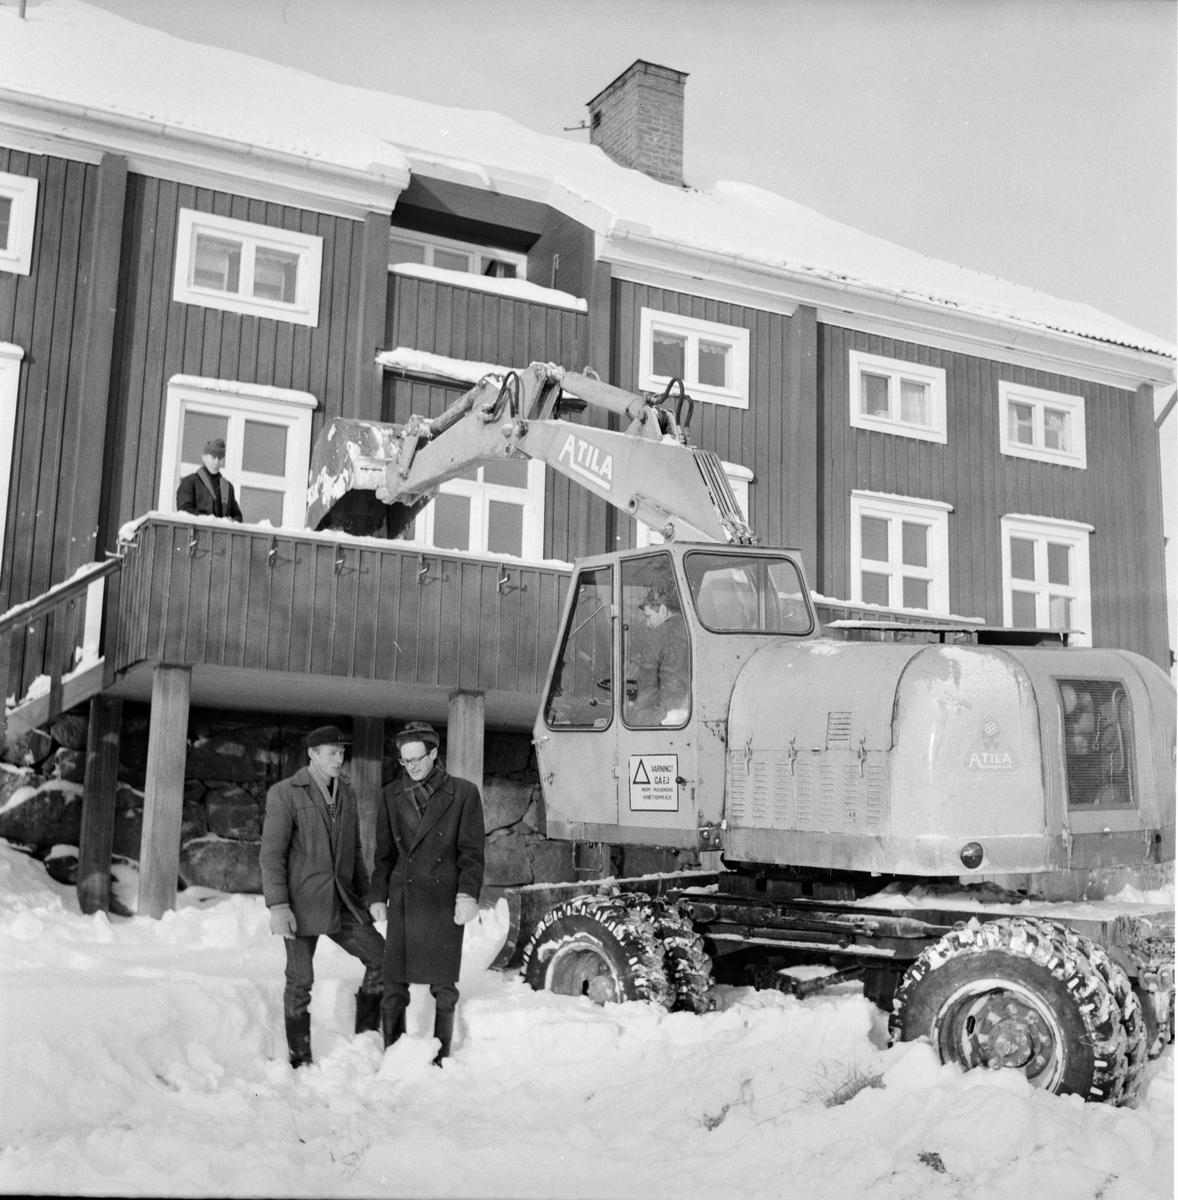 Undersvik, Stiftsgården, 29 Jan 1968